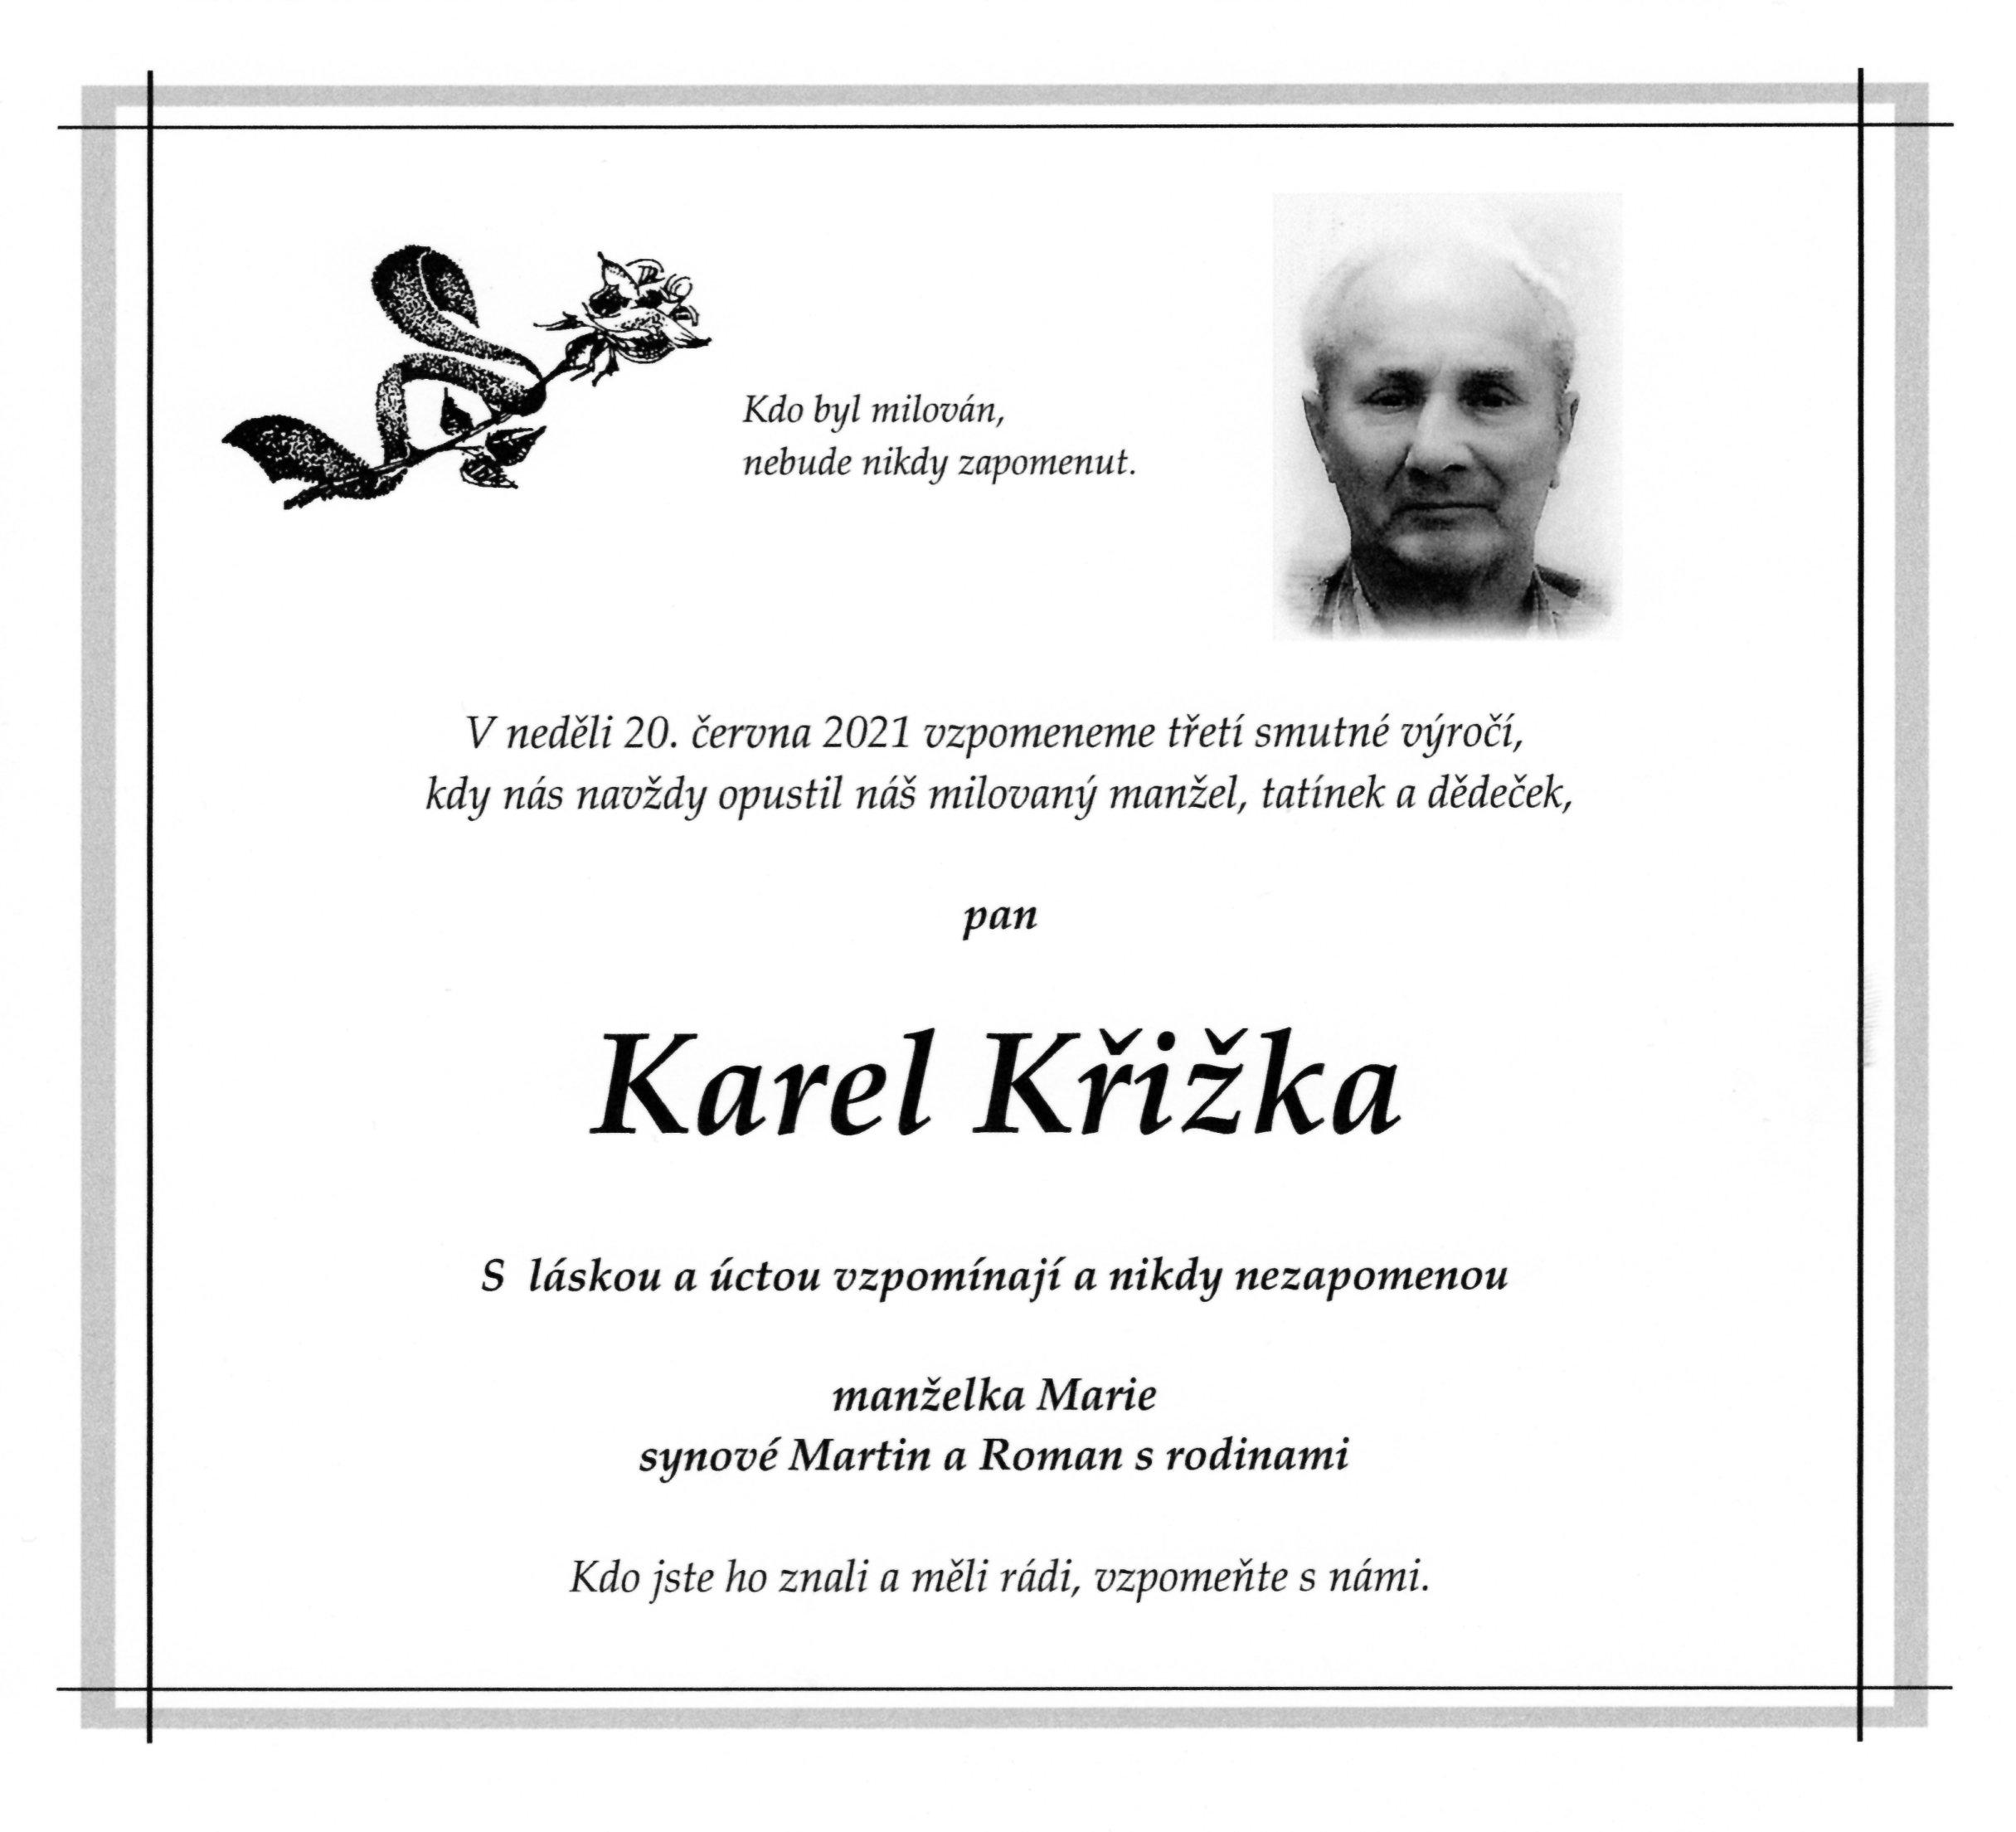 Karel Křižka